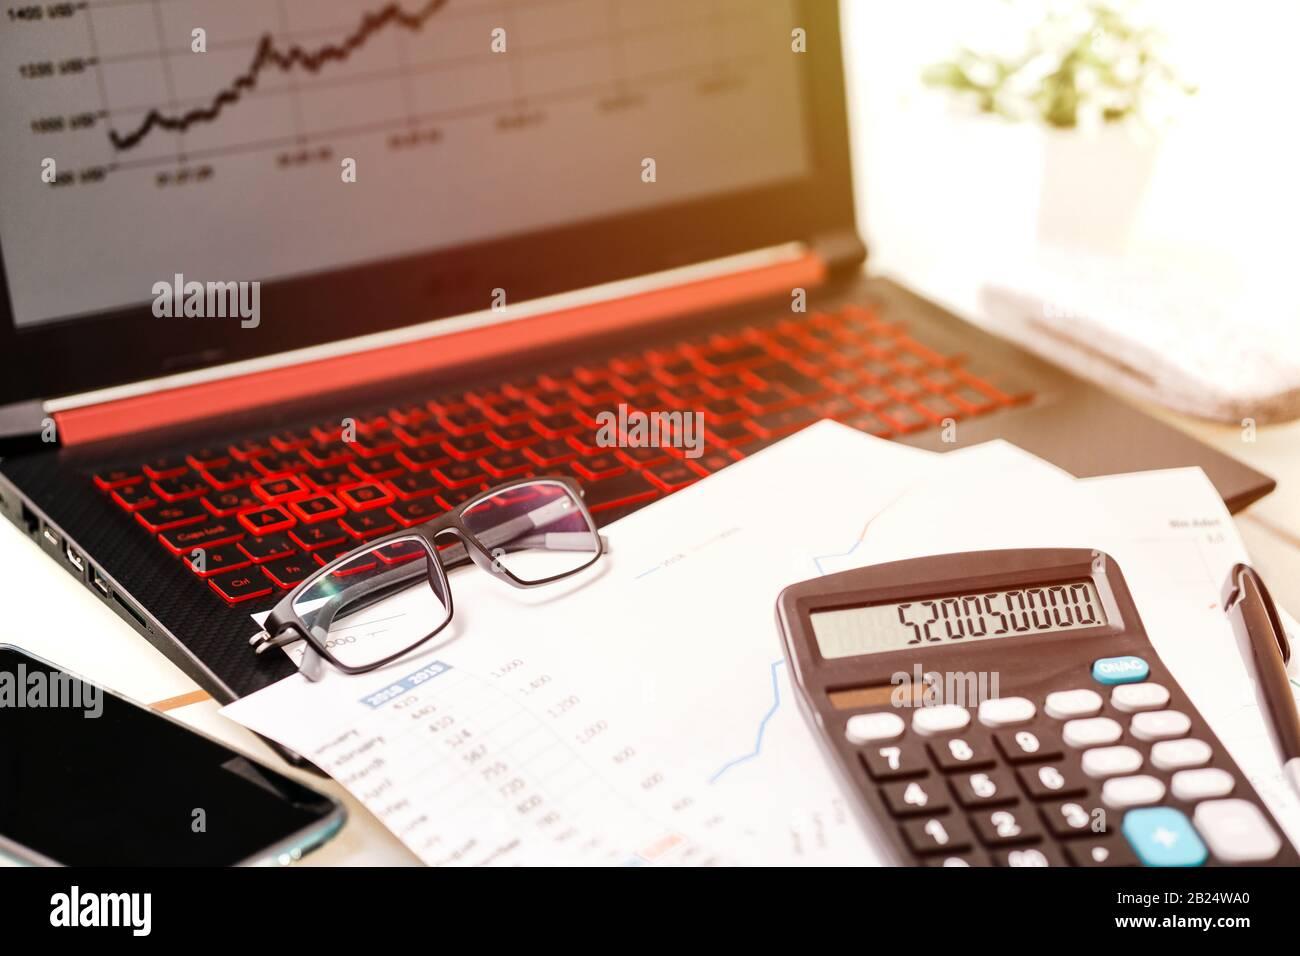 suivi financier en ligne, données comptables, transactions bancaires et concept visuel d'investissement Banque D'Images